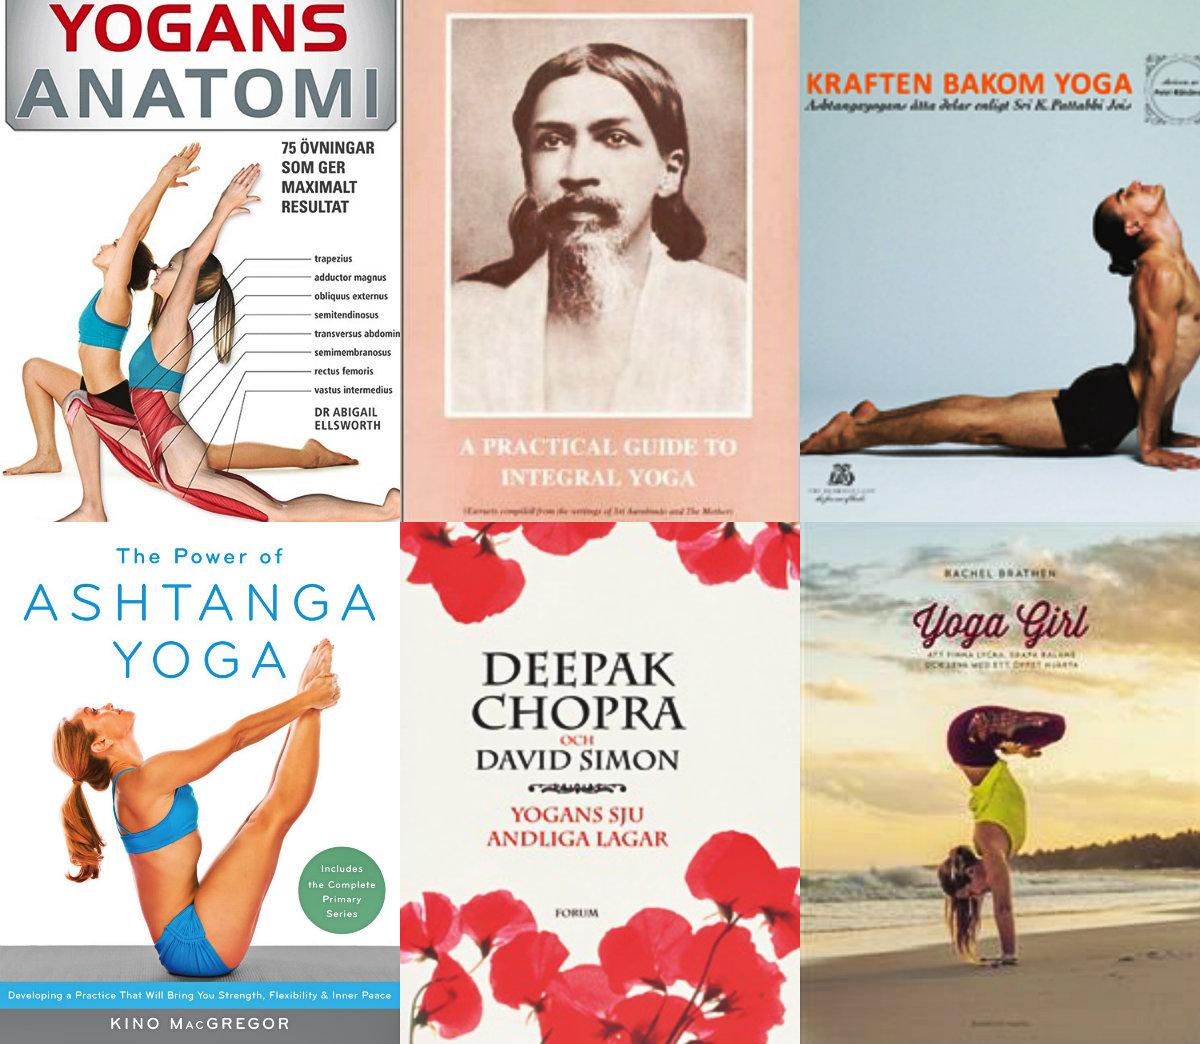 YogaCollage